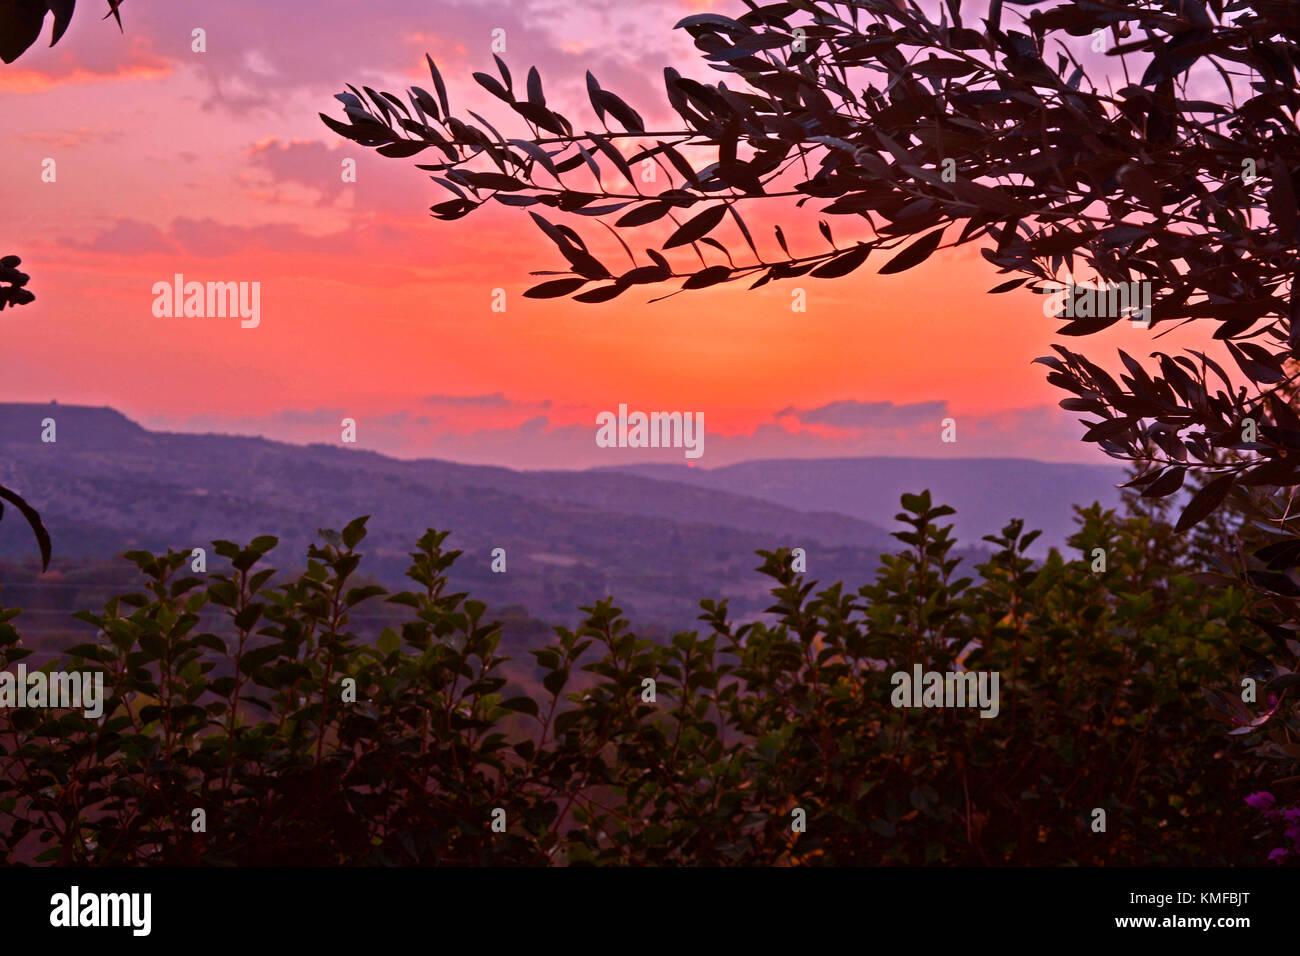 Un stunnig paphos panoramique coucher du soleil, Paphos Chypre renouned pour ses couchers de soleil Photo Stock